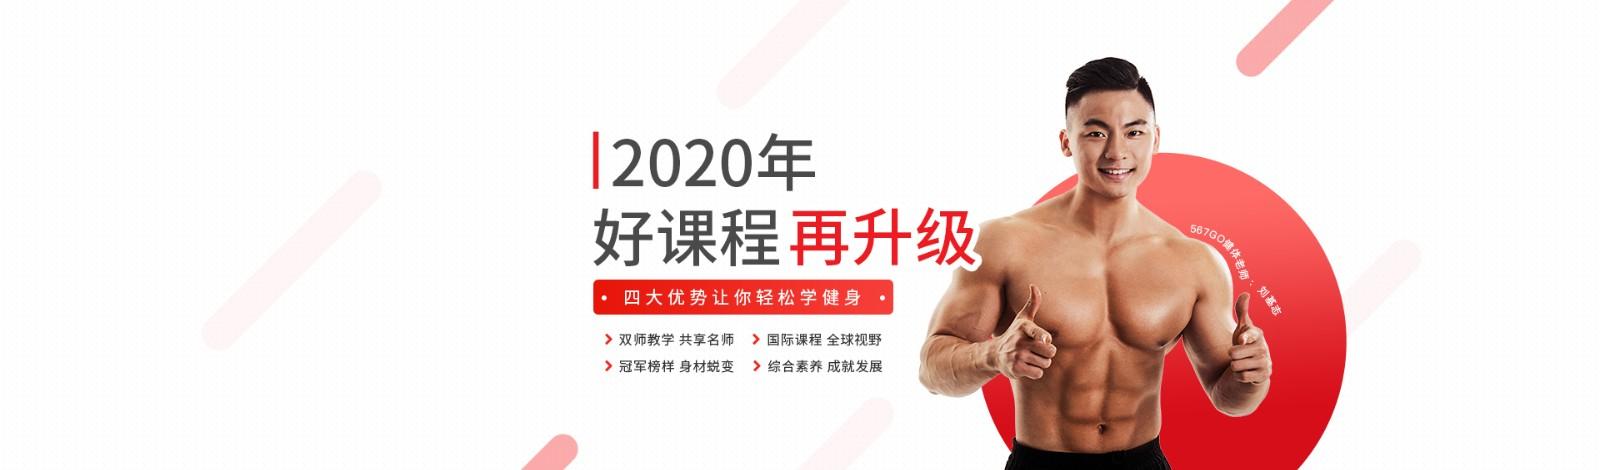 昆明567GO健身学院 横幅广告